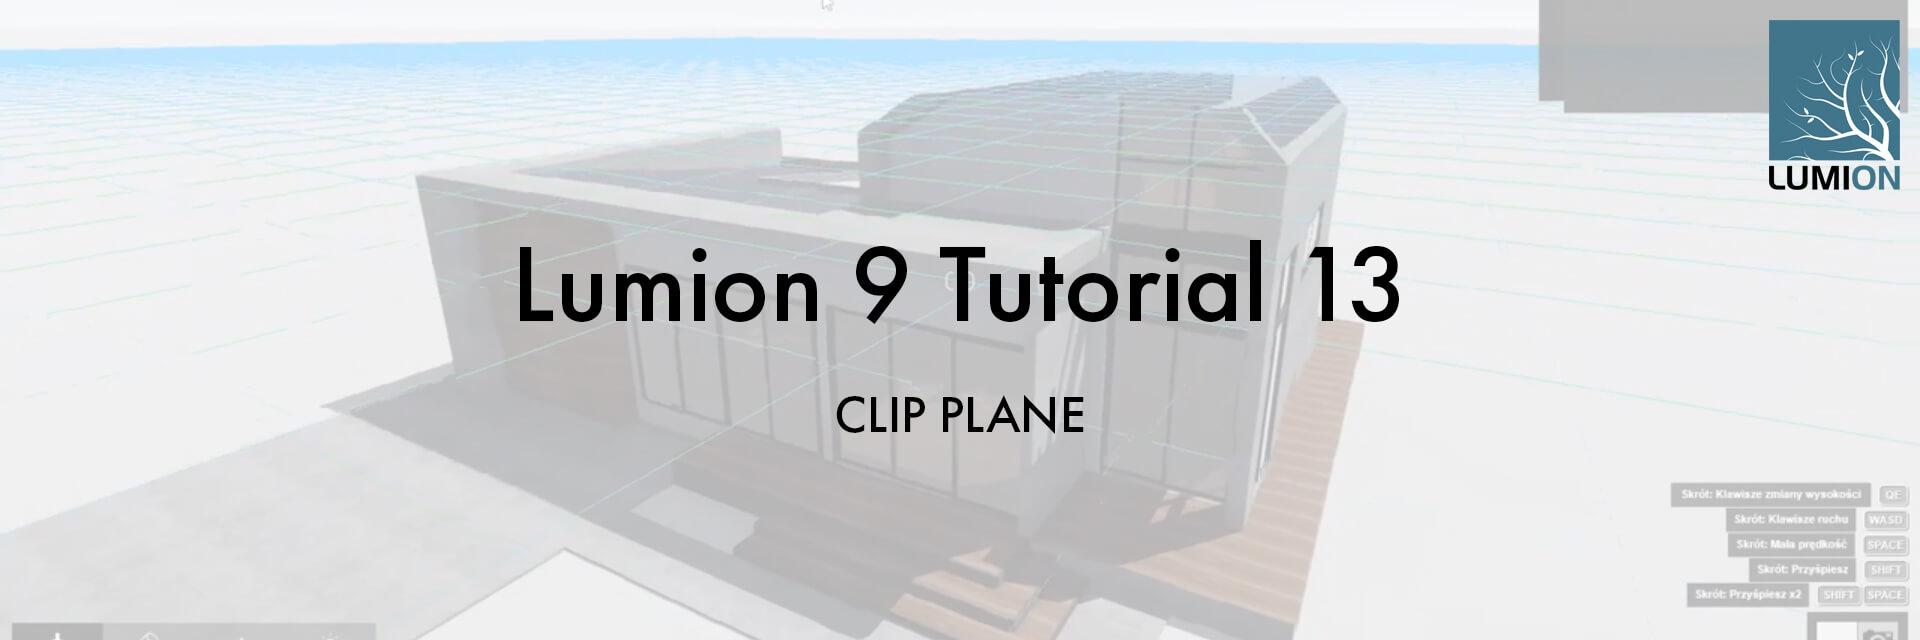 T13 ST - Lumion 9 Tutorial 13 CLIP PLANE